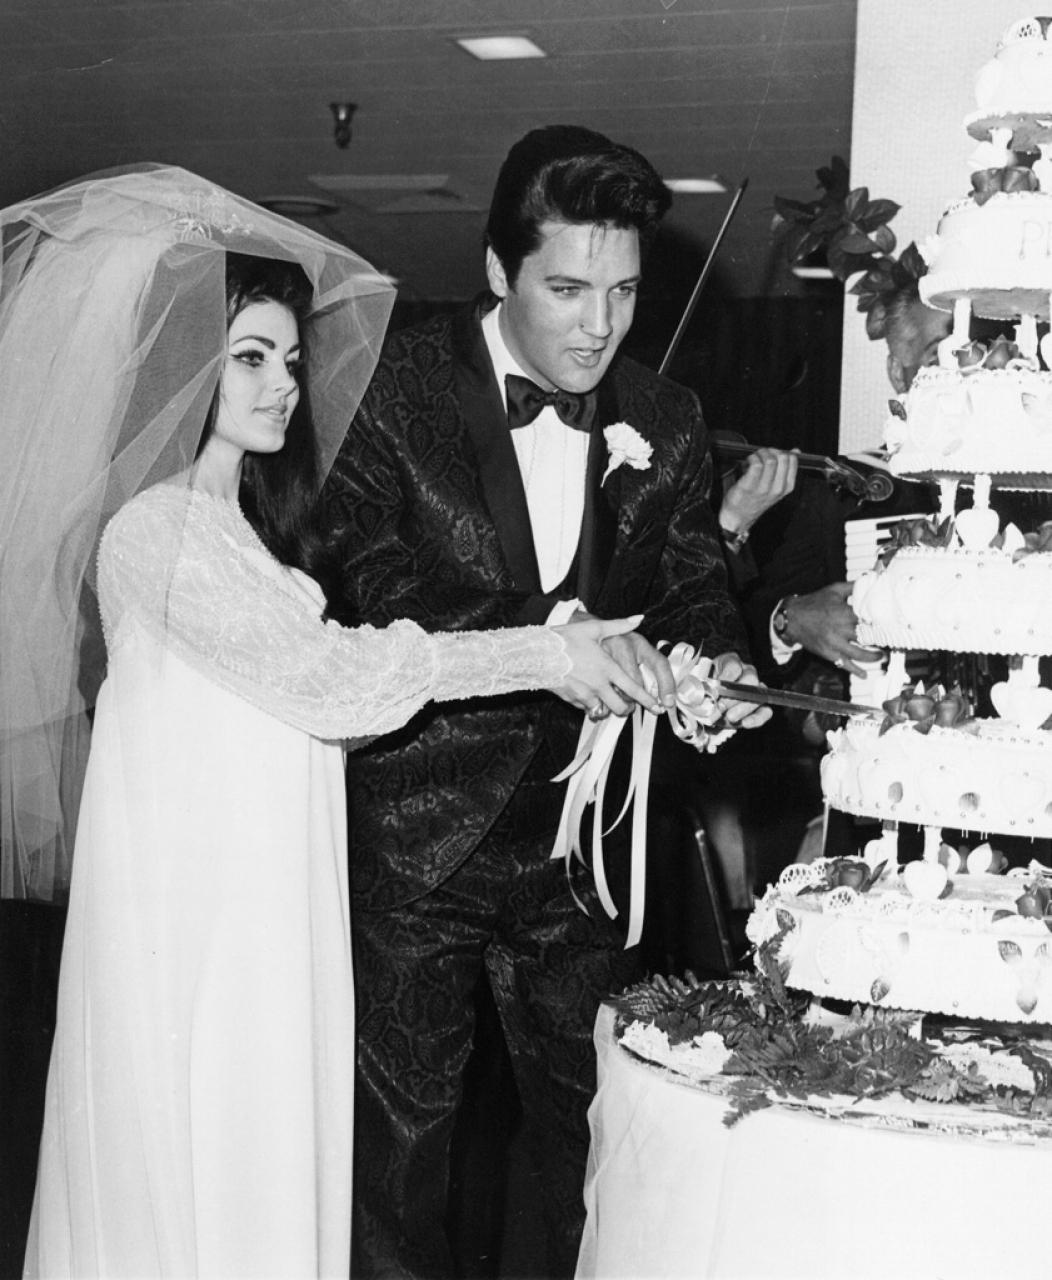 dopo 7 anni di incontri si sono legalmente sposati FRIGIDAIRE Ice Maker sesso